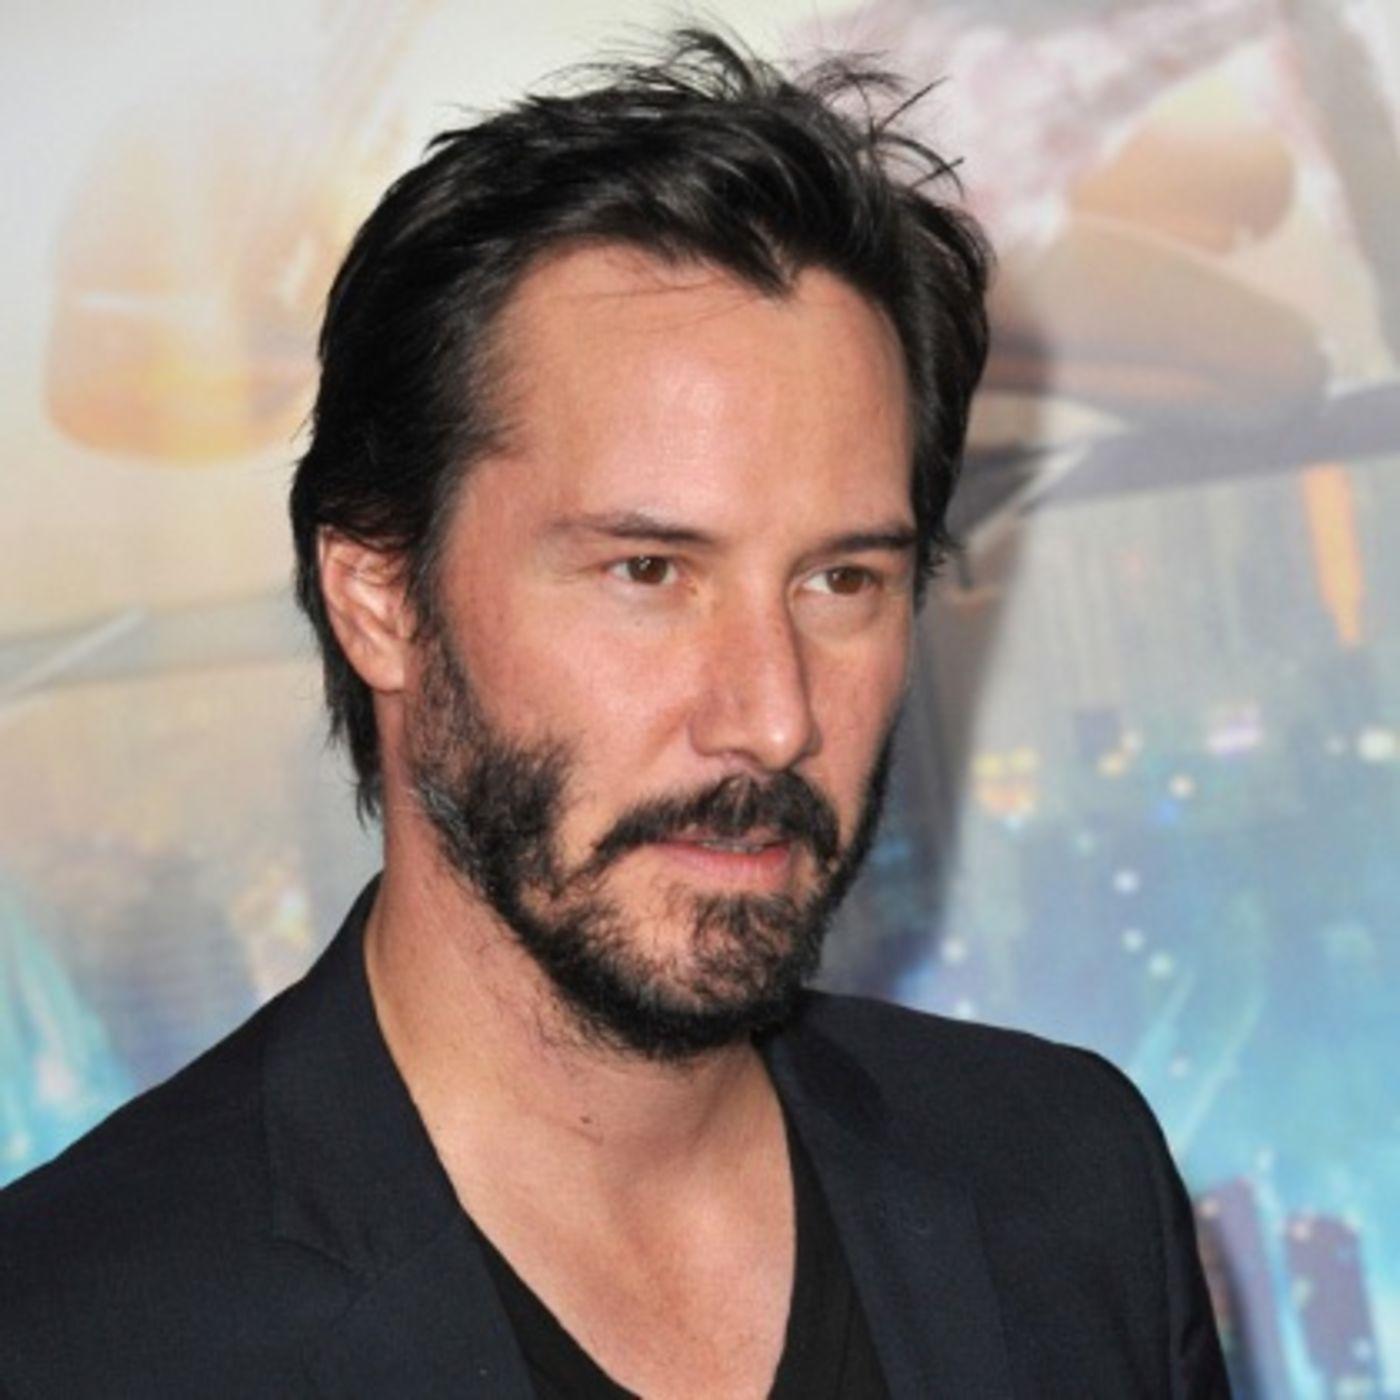 Keanu Reeves - Portrait